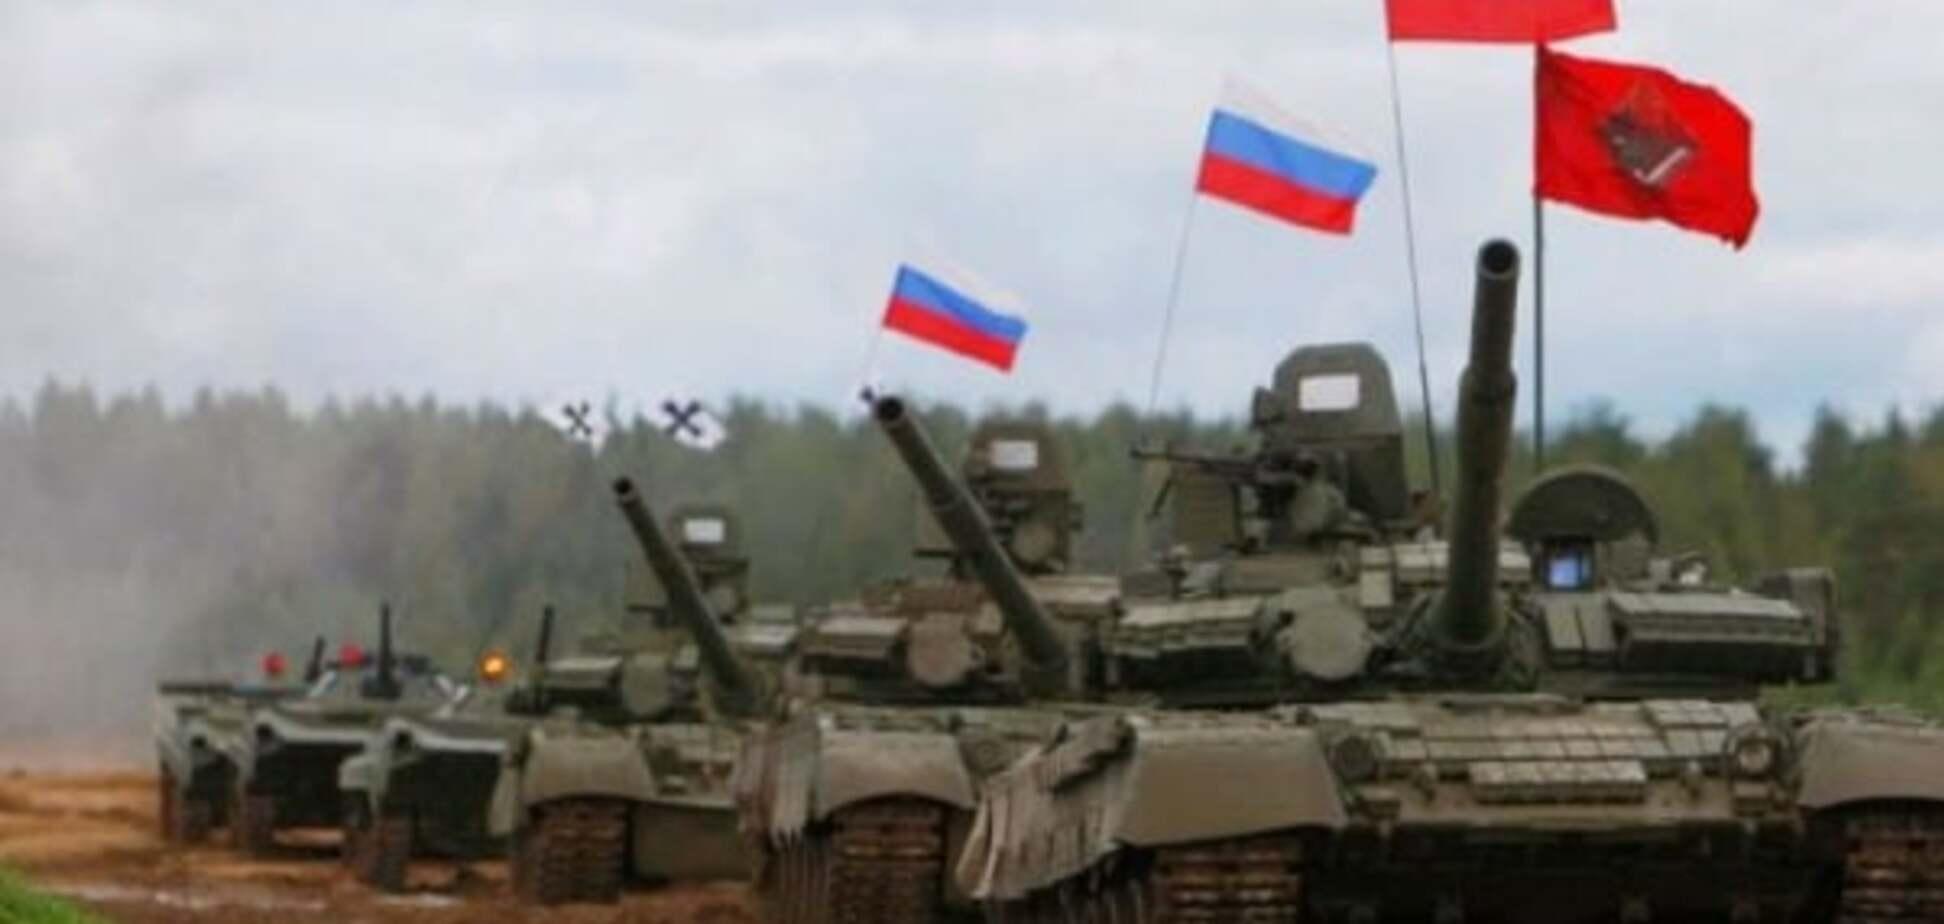 Танковой армии недостаточно: Фельгенгауэр оценил риск большого похода России на Украину